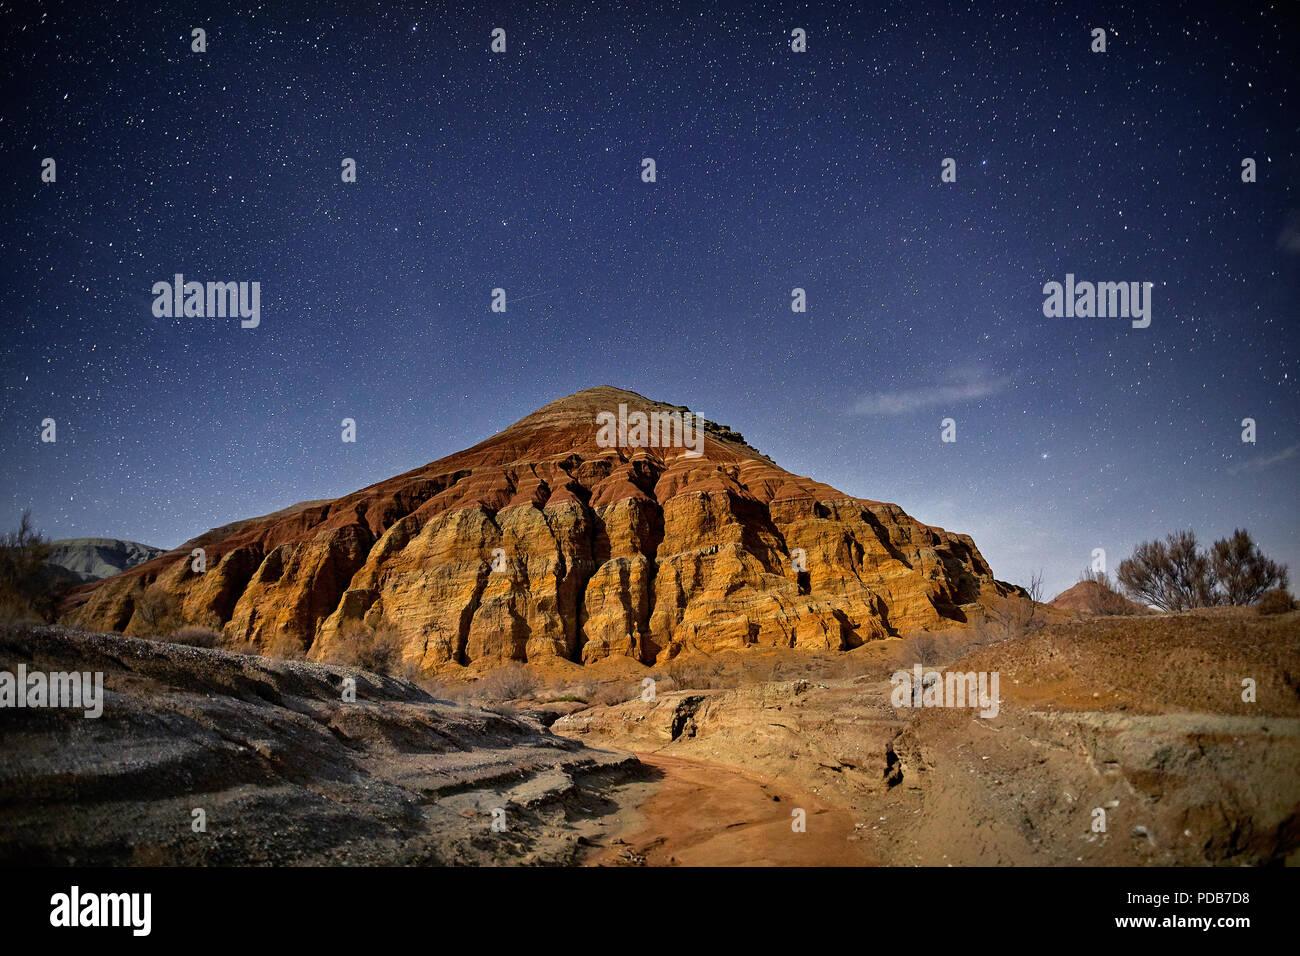 Montaña Roja de forma piramidal en la noche en el desierto, el cielo estrellado de fondo. Fotografía Astronómica del espacio y las constelaciones. Imagen De Stock